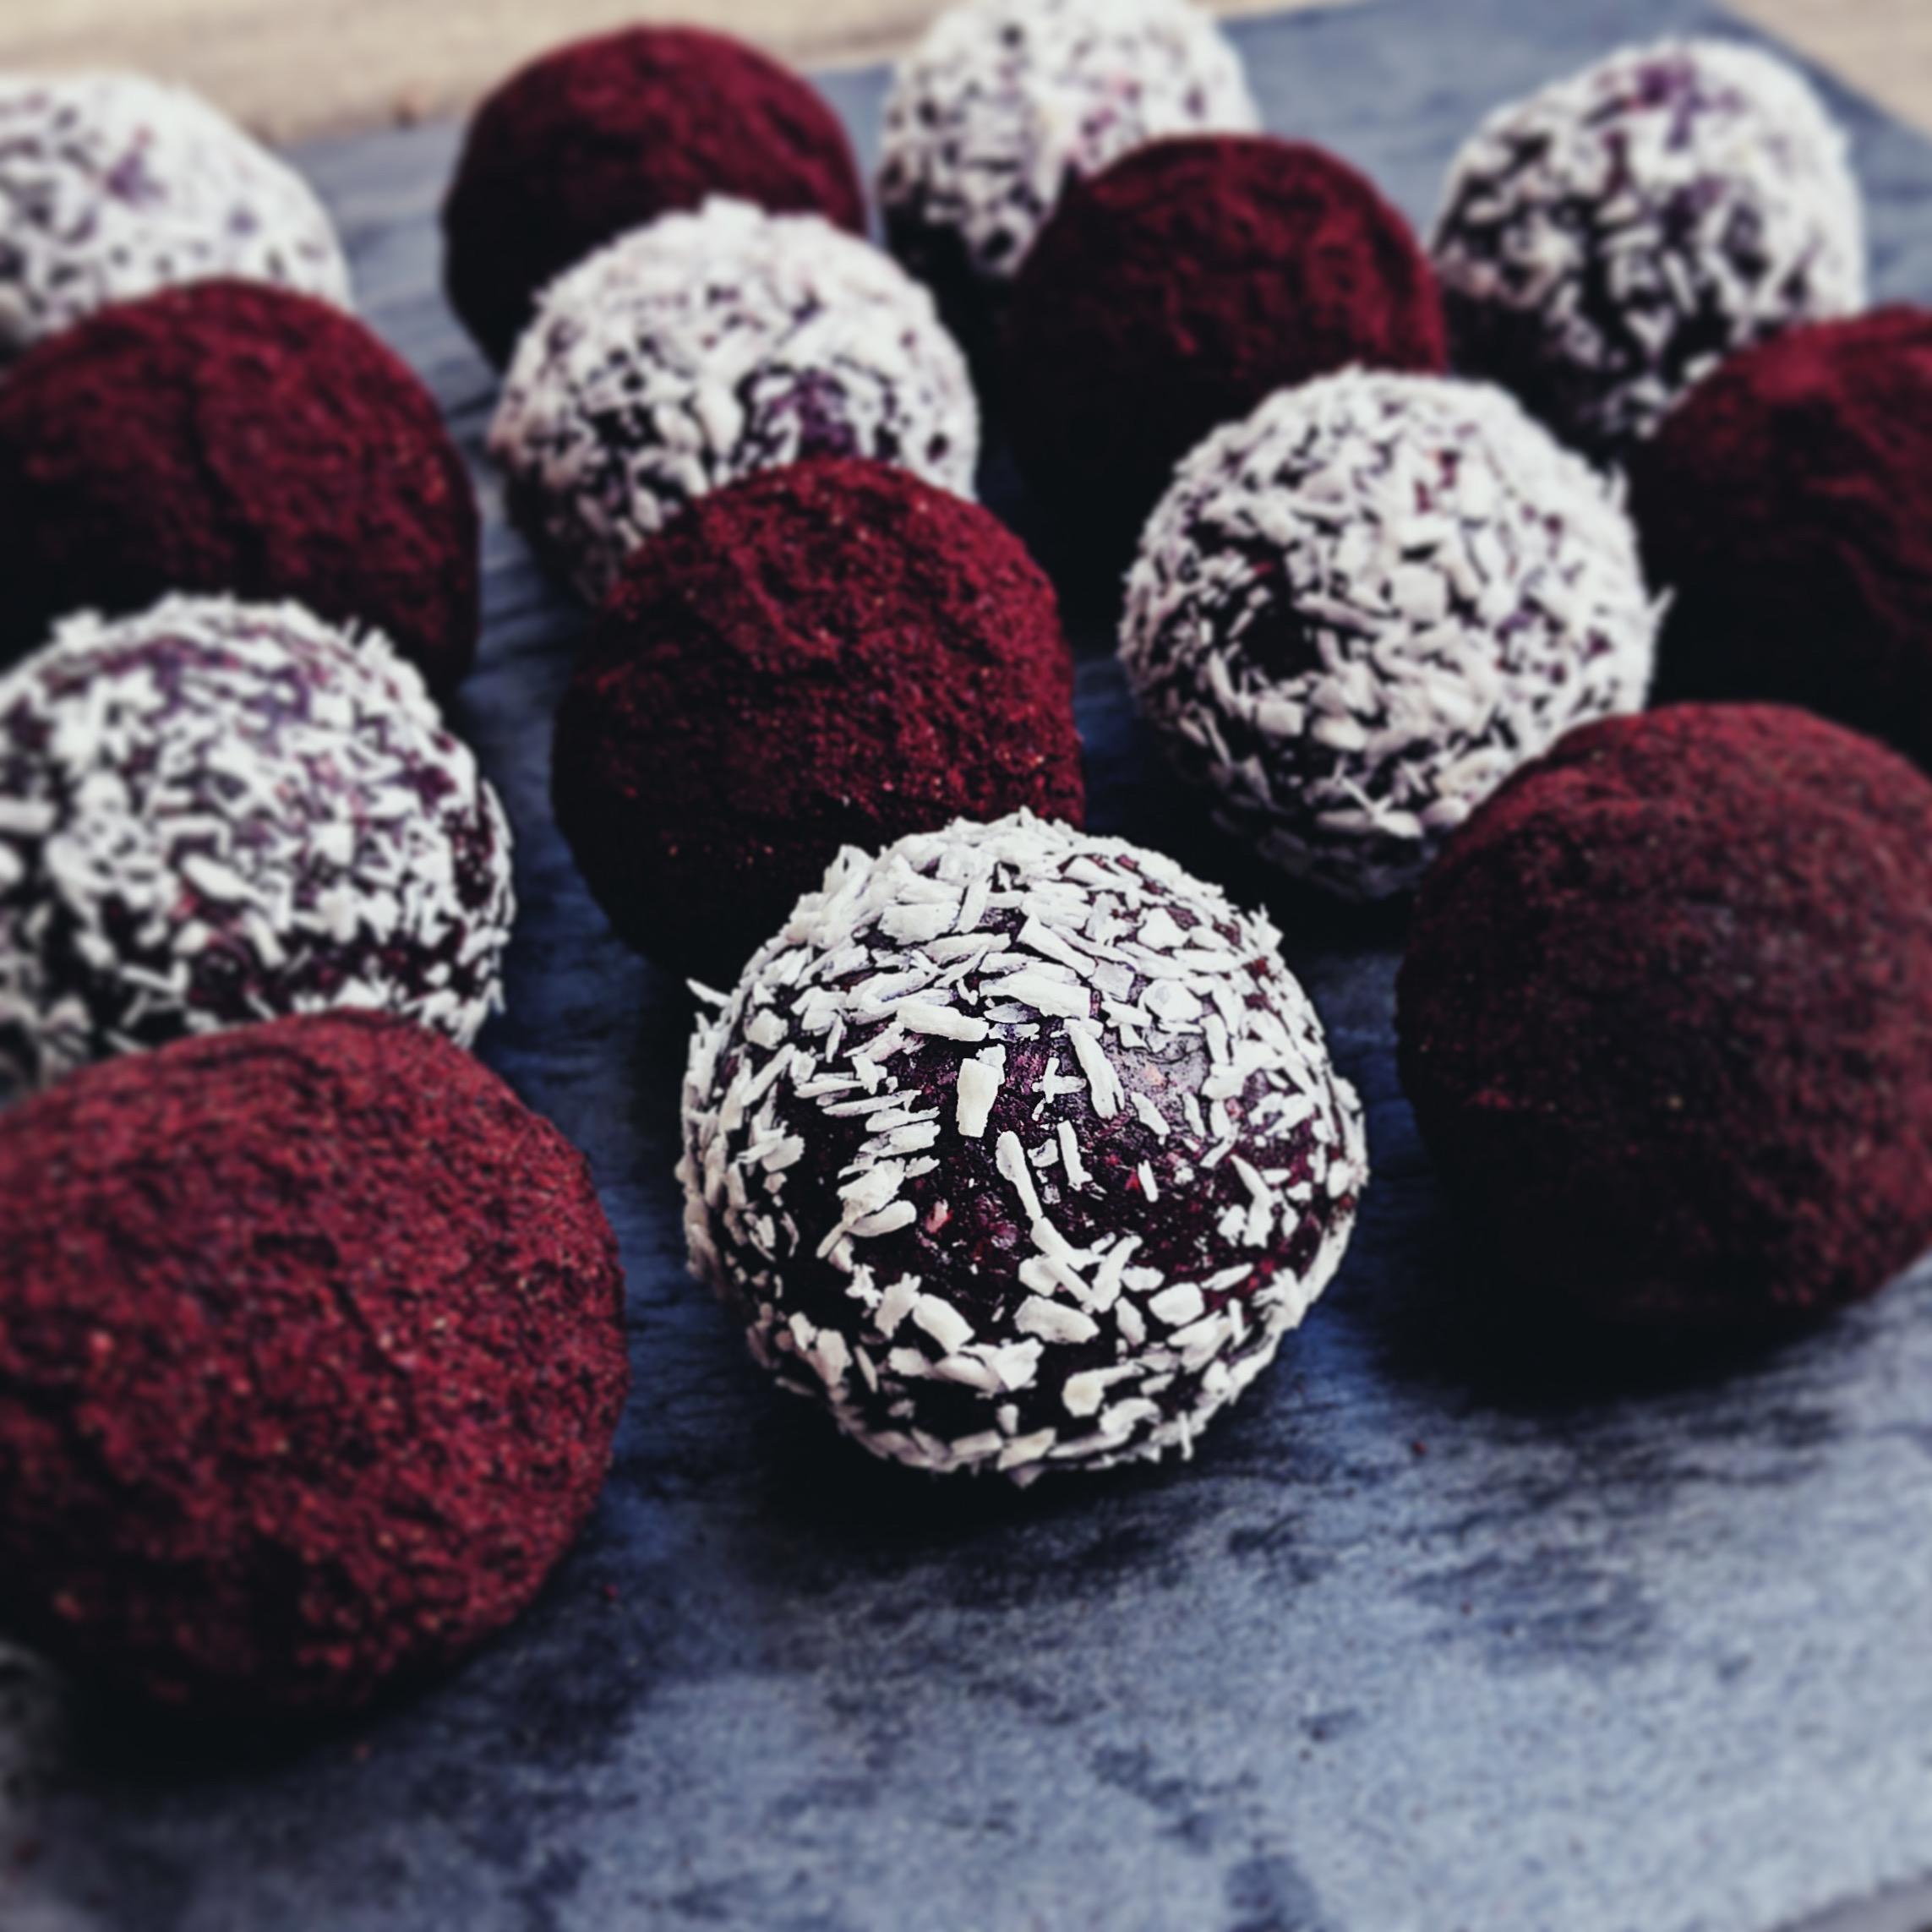 Rawfood Blåbärsbollar